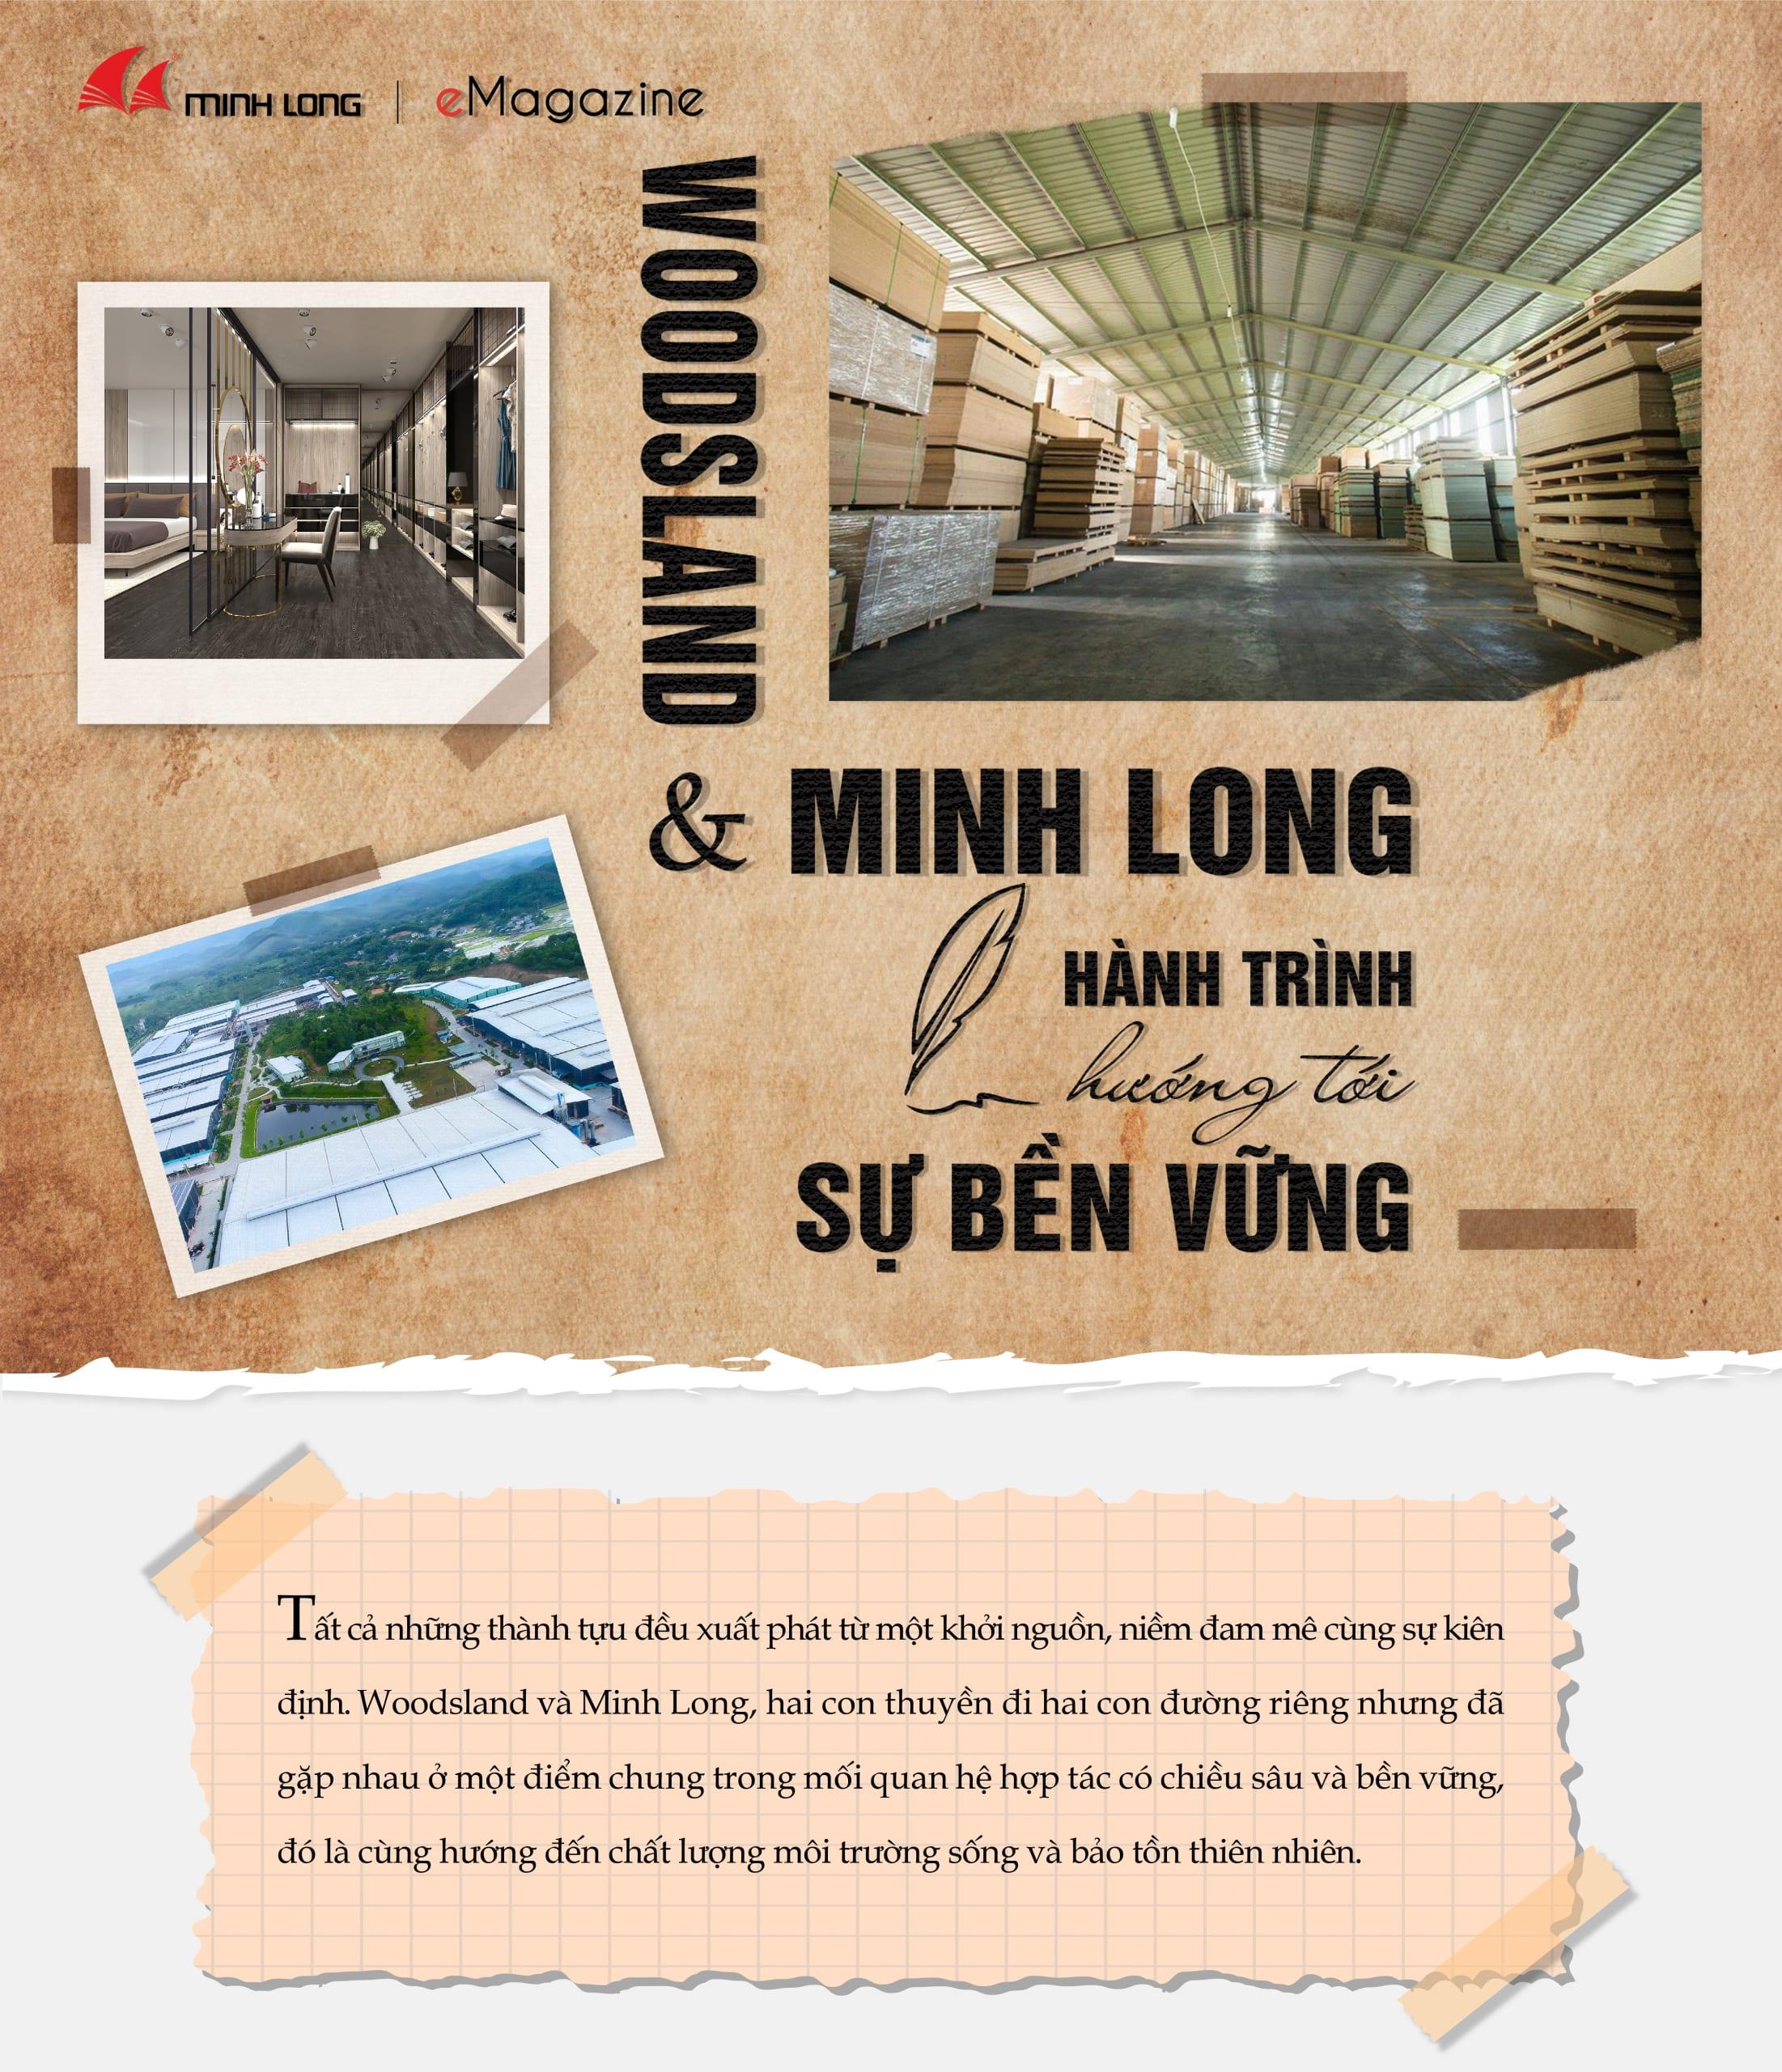 eMagazine tháng 10 - Minh Long - Woodsland - hành trình hướng tới sự bền vững -1